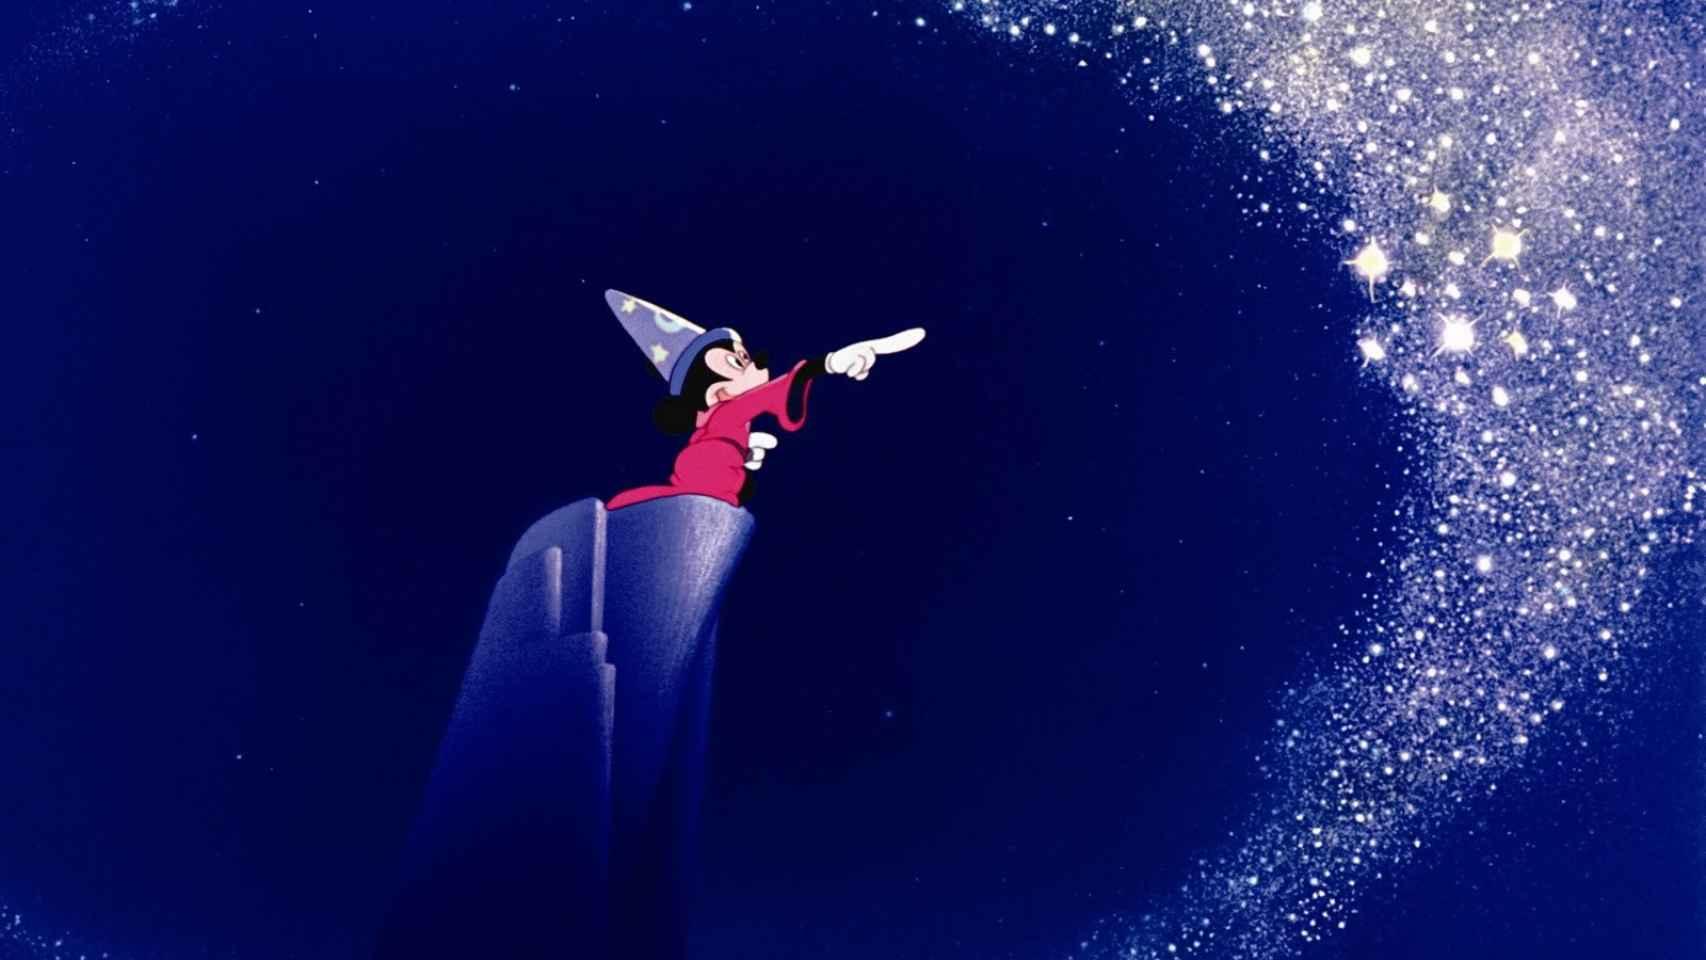 Fantasía, uno de los clásicos más personales y arriesgados de Disney.